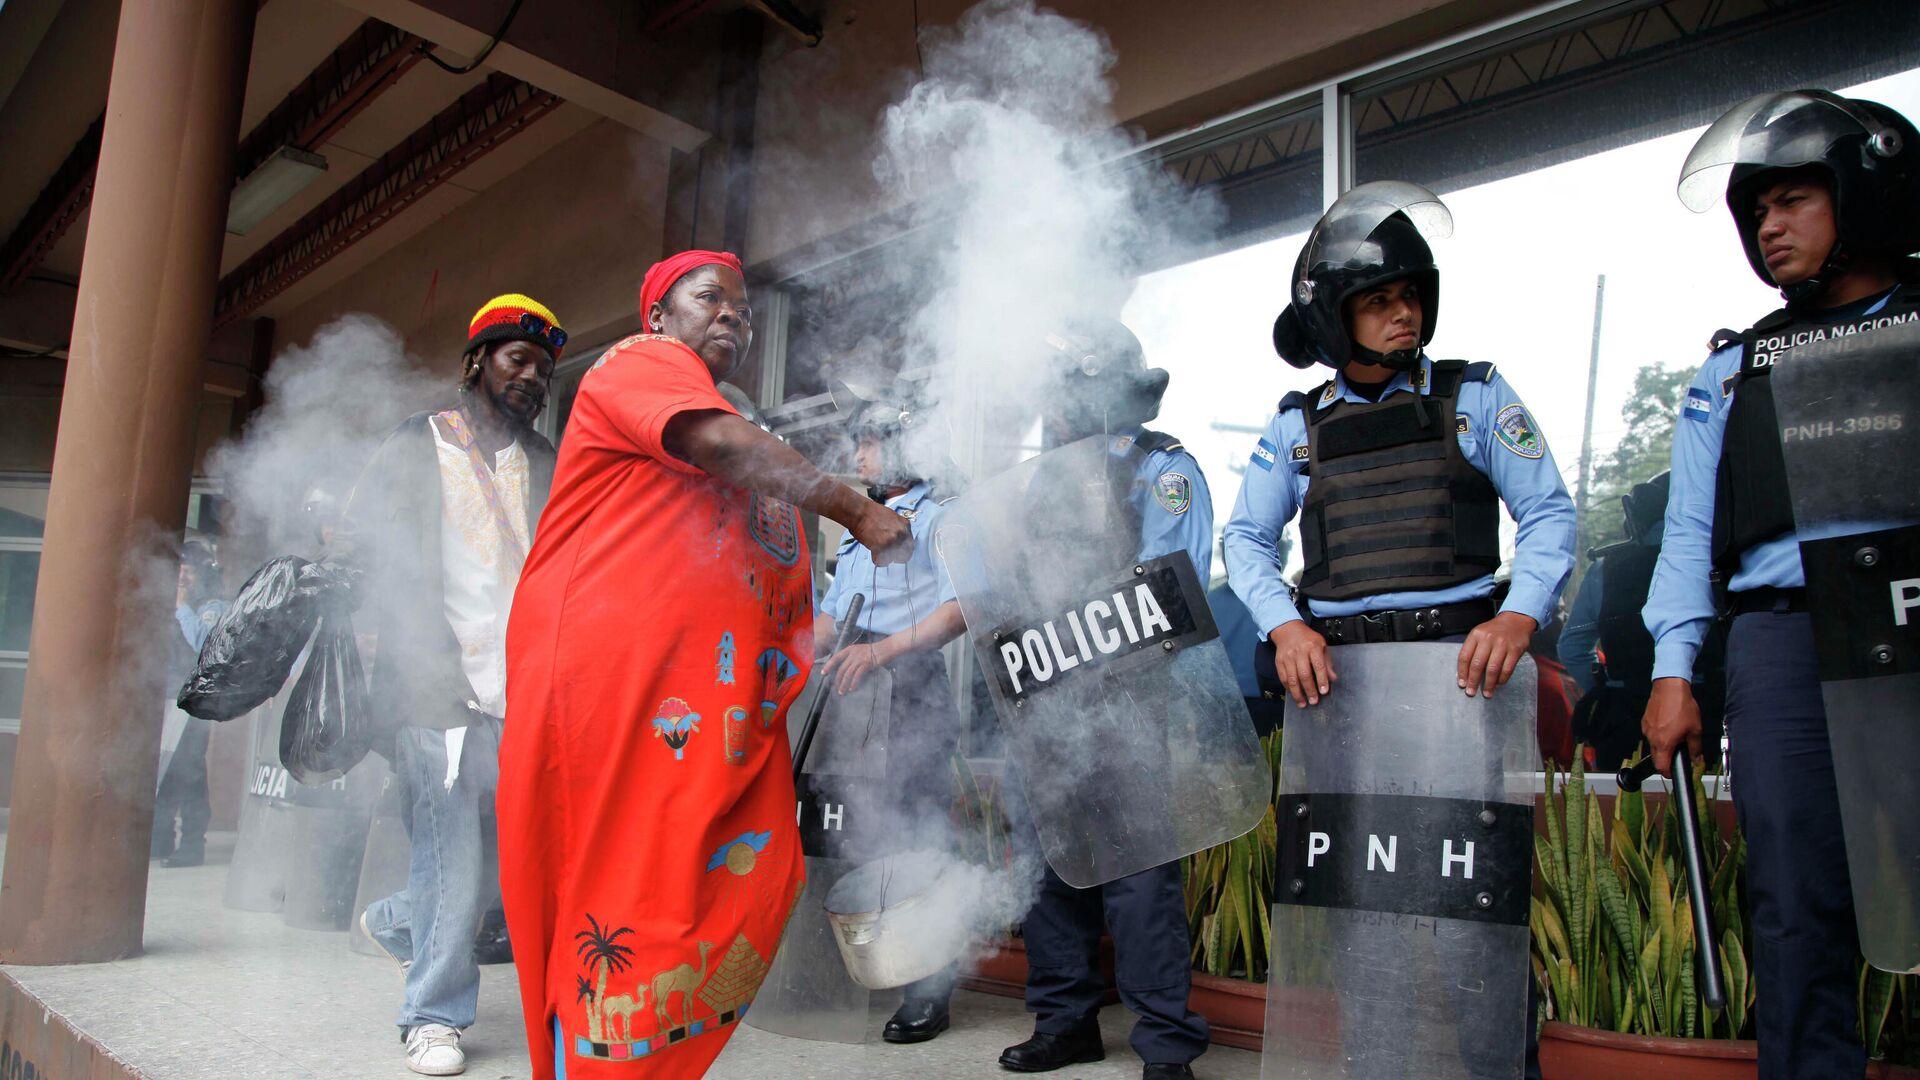 Garífunas realizan ritual frente a policías en Honduras - Sputnik Mundo, 1920, 21.07.2021